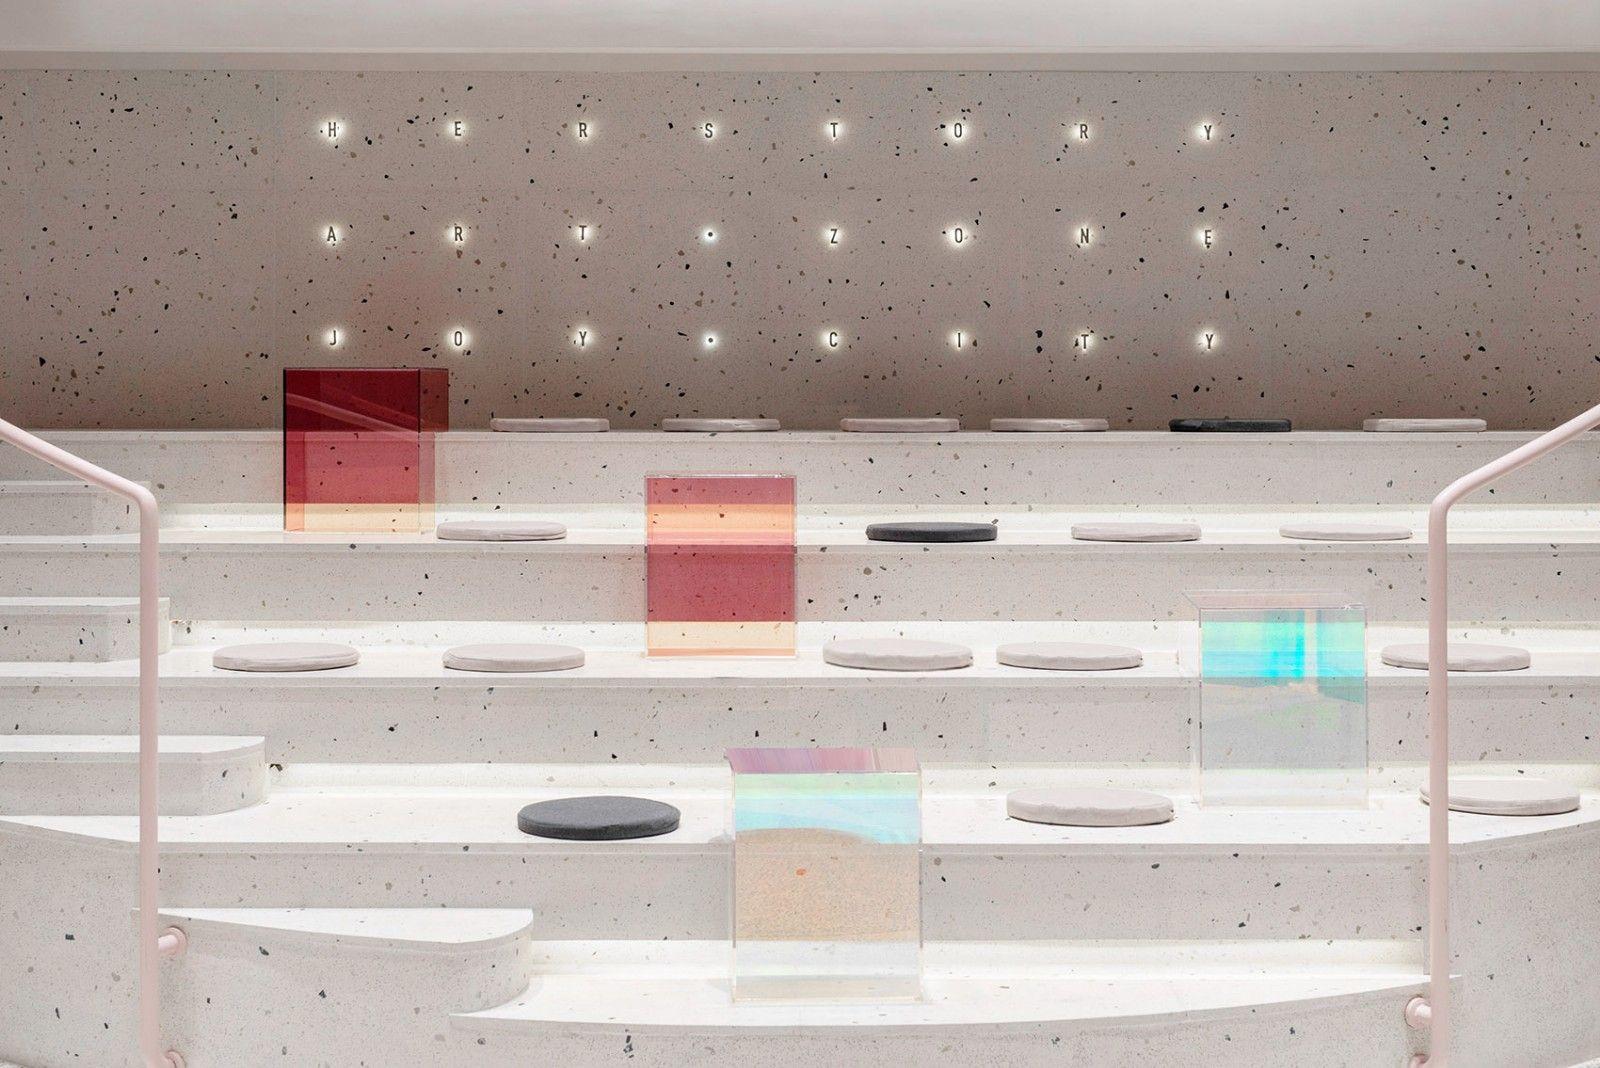 长风大悦城会员空间,上海 / 裸筑更新 裸筑更新建筑设计 - 8